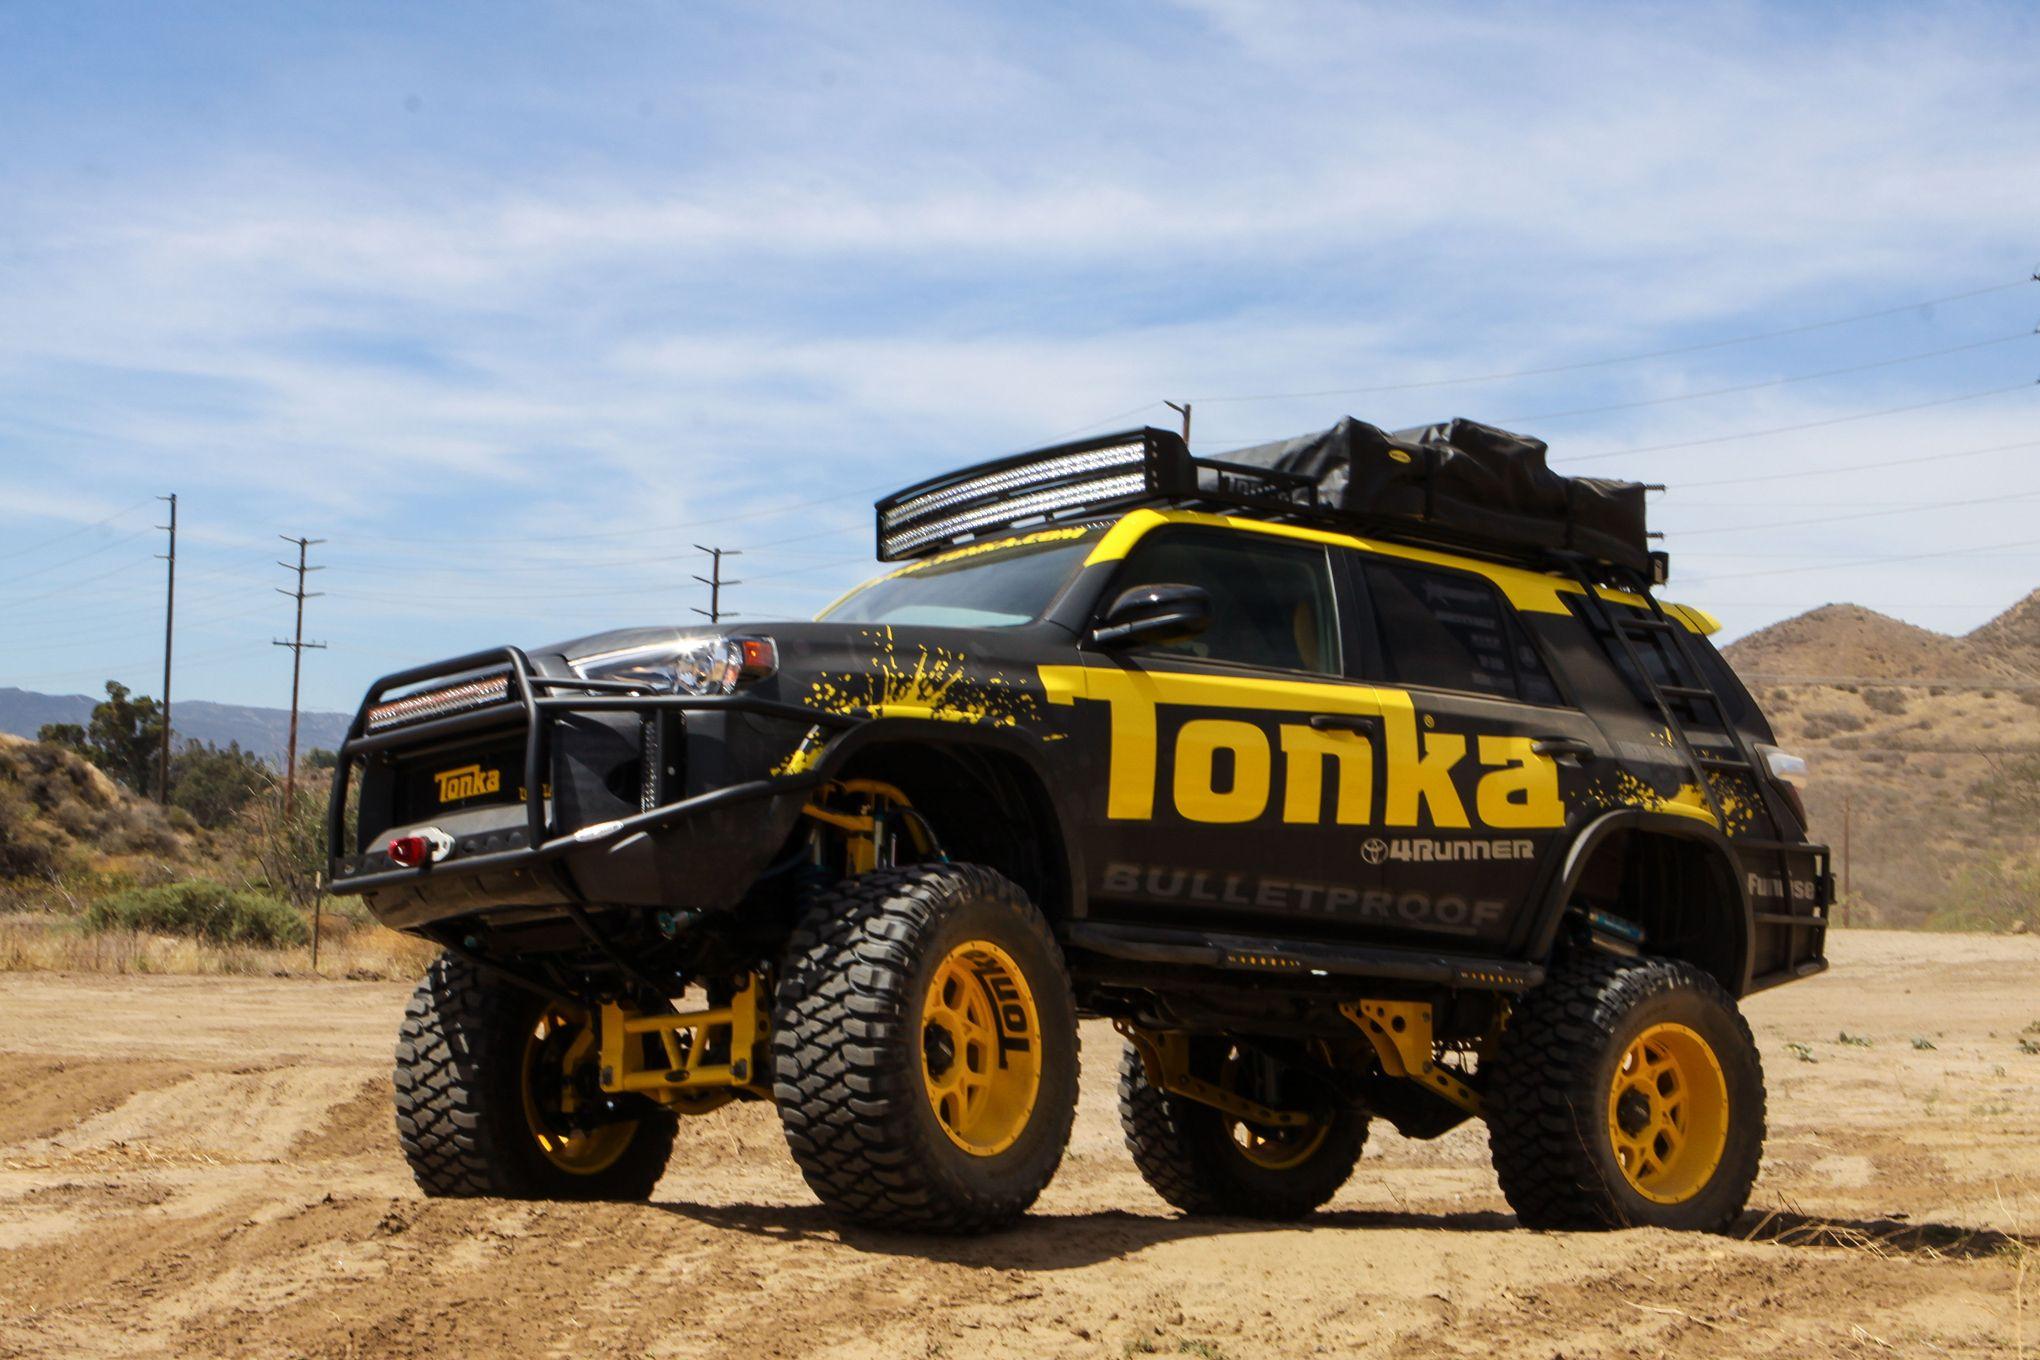 Custom Toyota 4runner >> This Custom Toyota 4runner Is Tonka Toys Newest Full Size